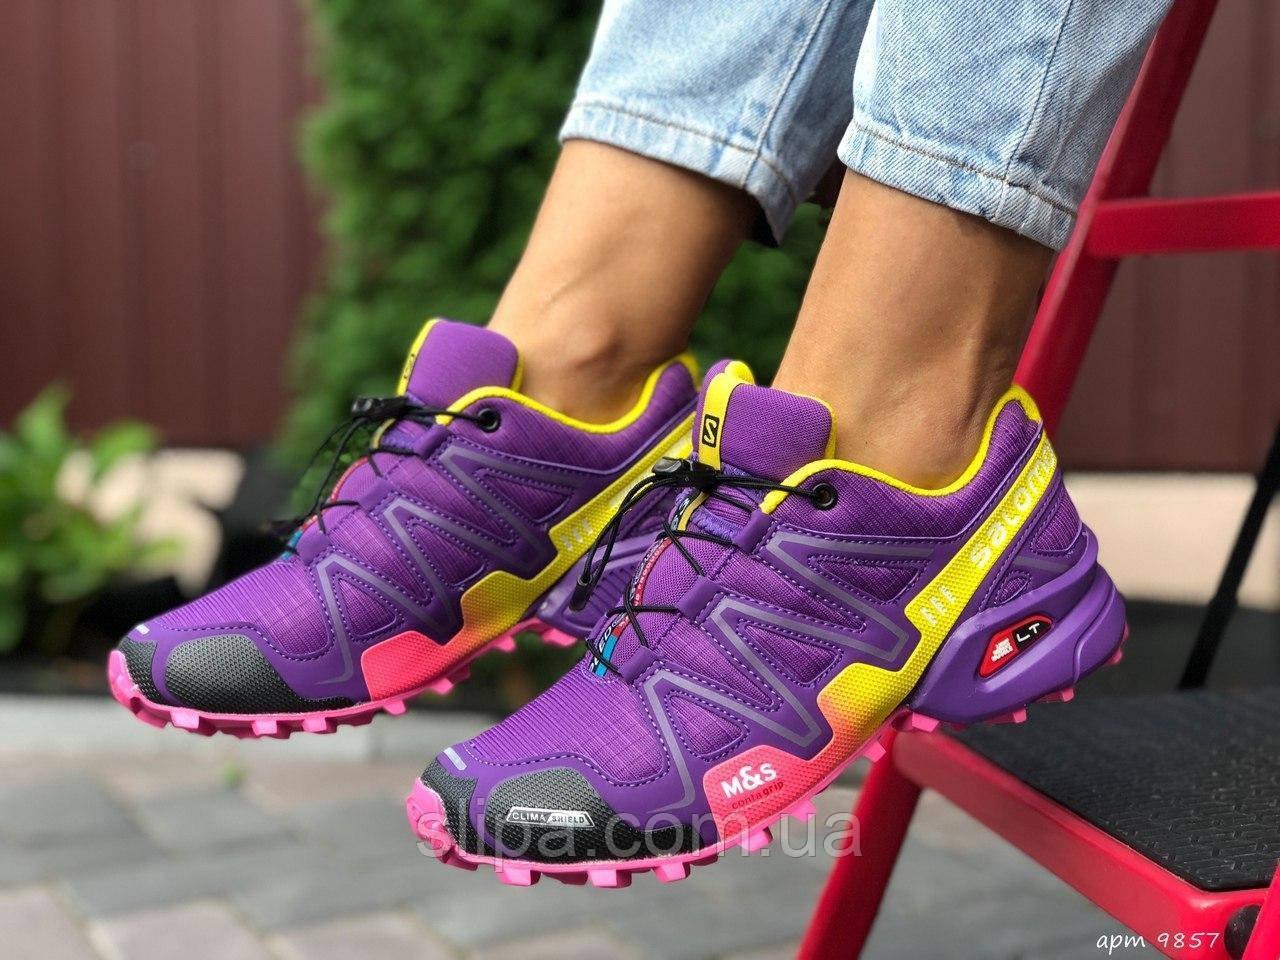 Женские кроссовки Salomon Speedcross 3 фиолетовые с жёлтым